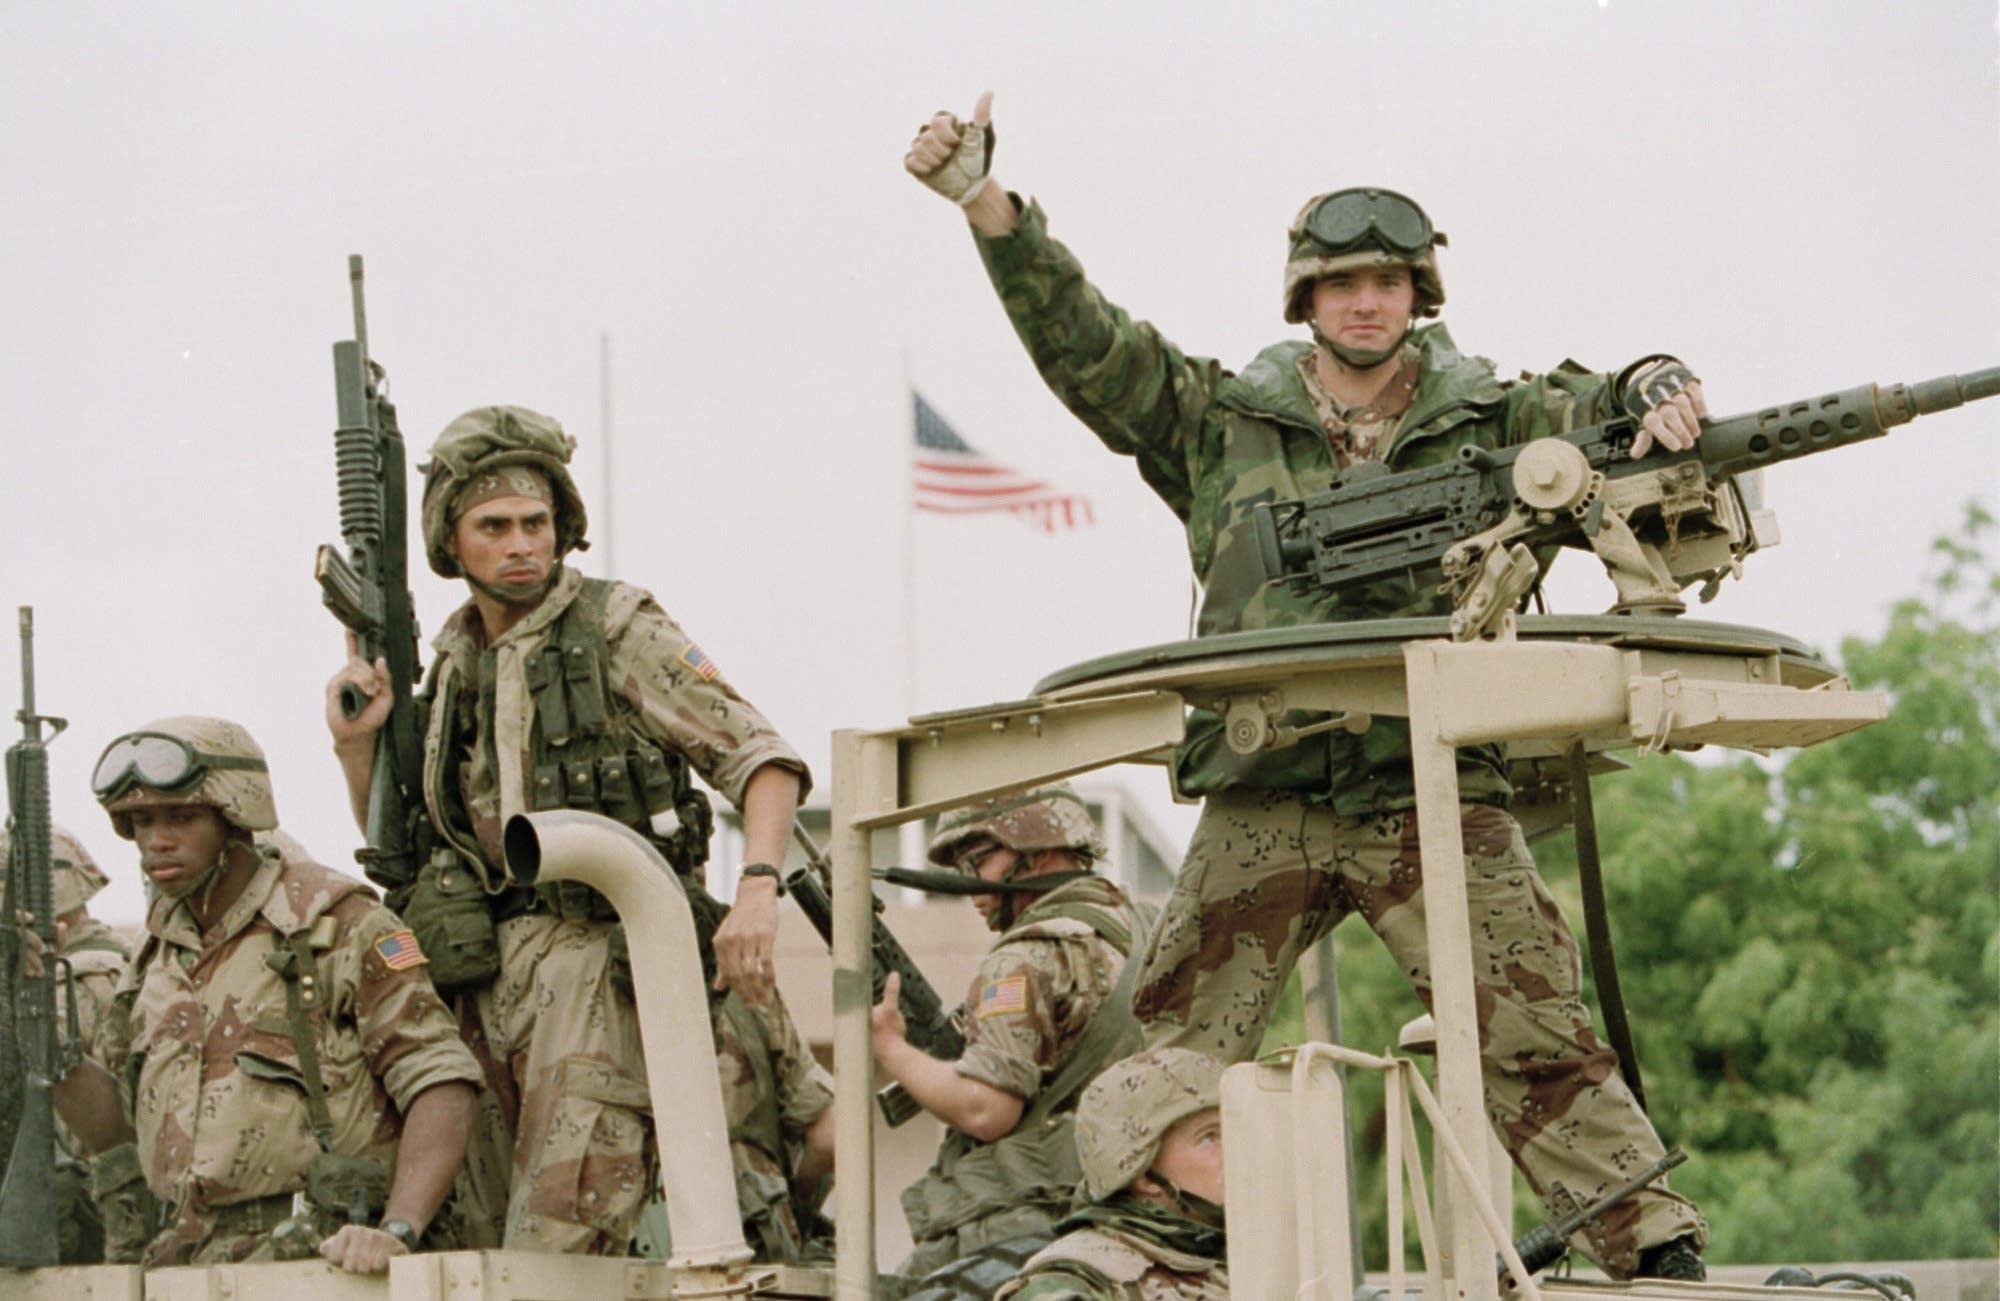 A U.S. Marine in Somalia in 1992